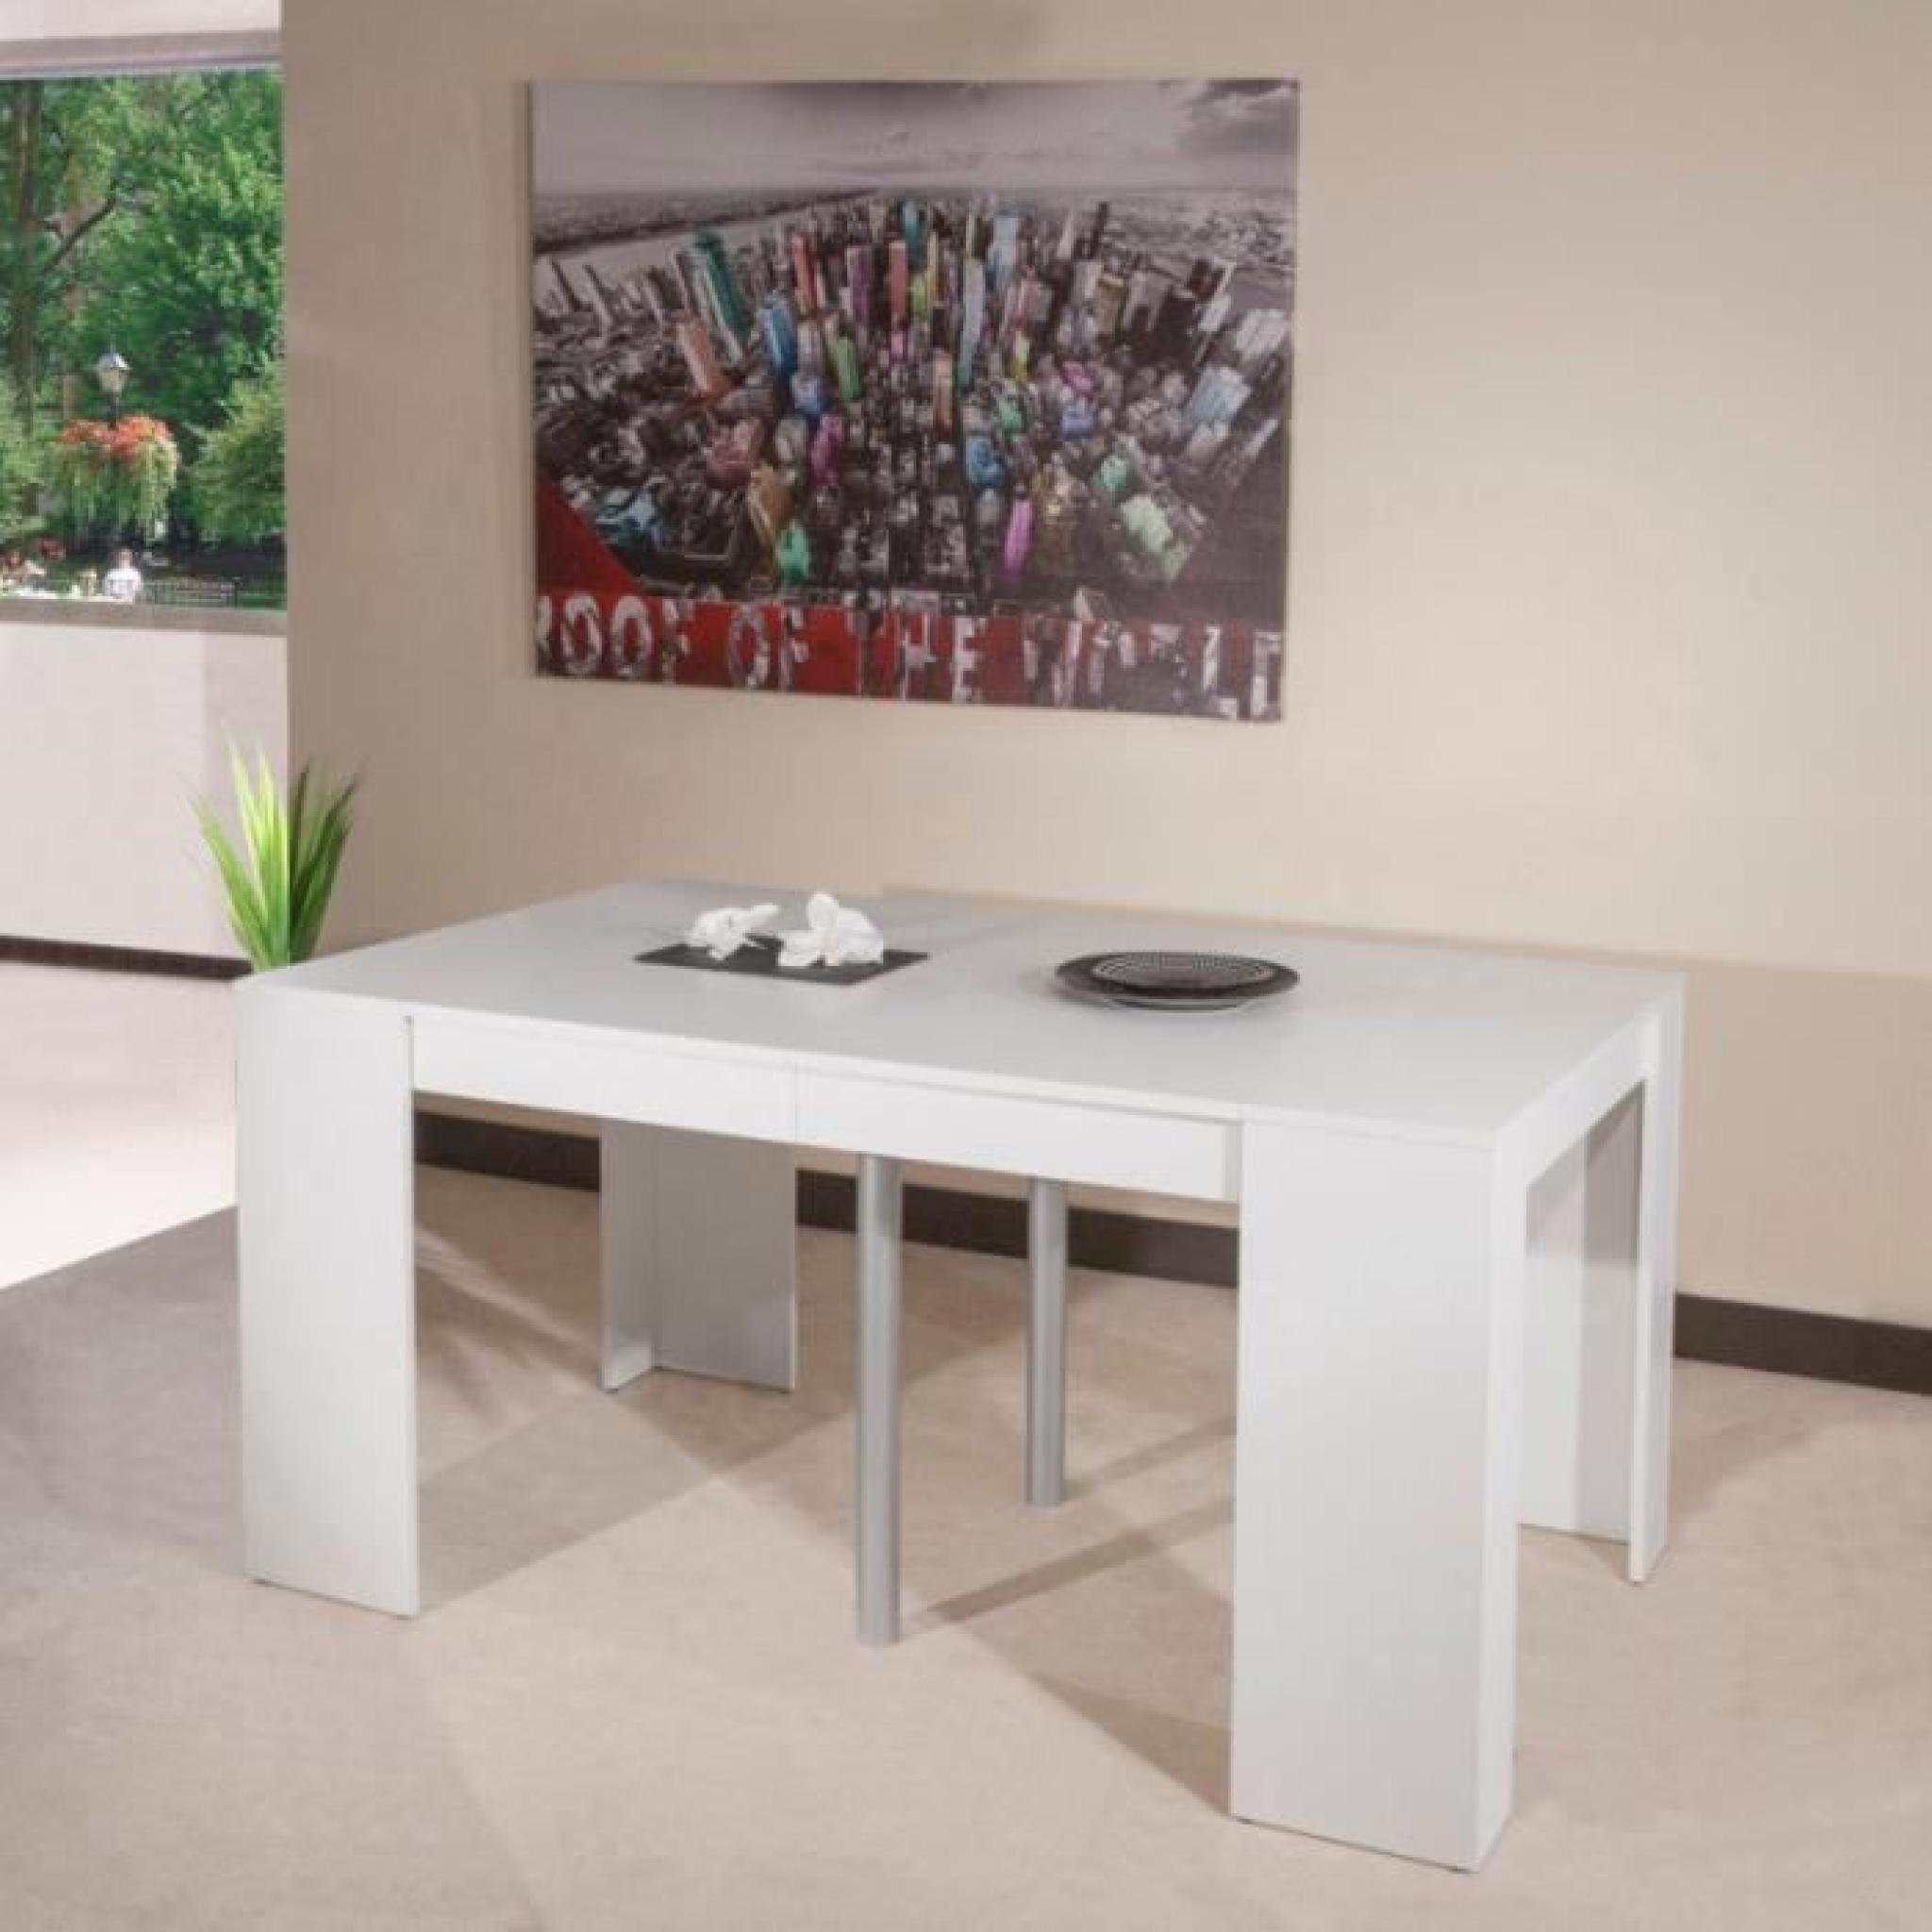 Console elasto blanc mat extensible en table r achat vente ensemble salle - Console extensible blanc laque pas cher ...